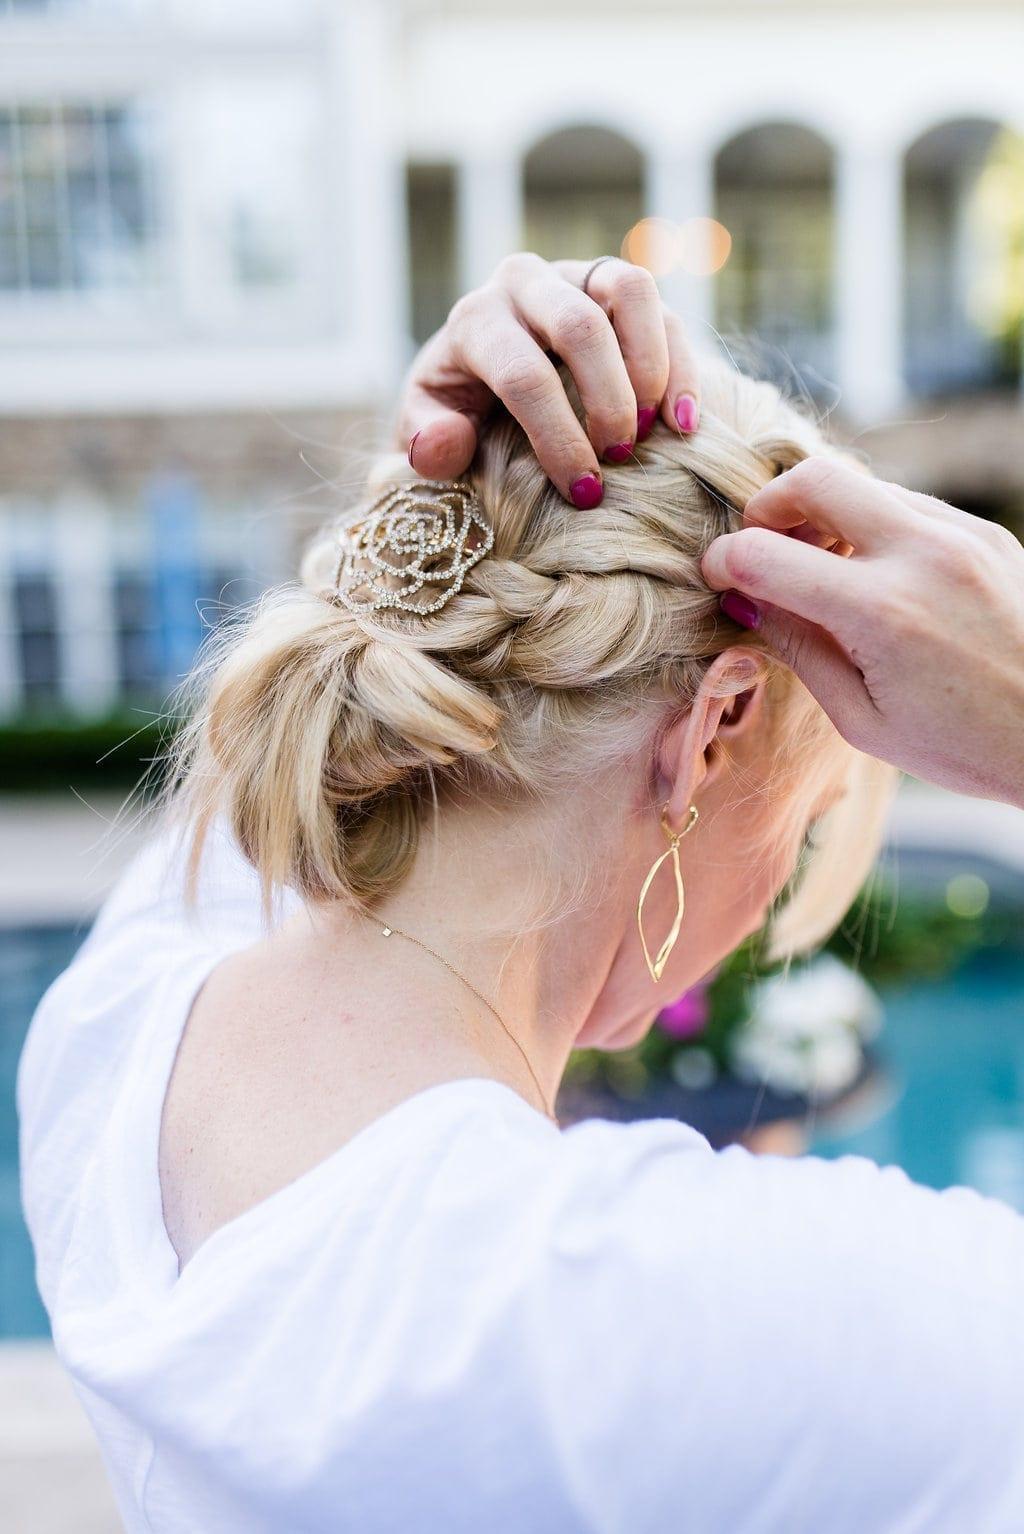 How to braid long hair easily. Easy dutch braid